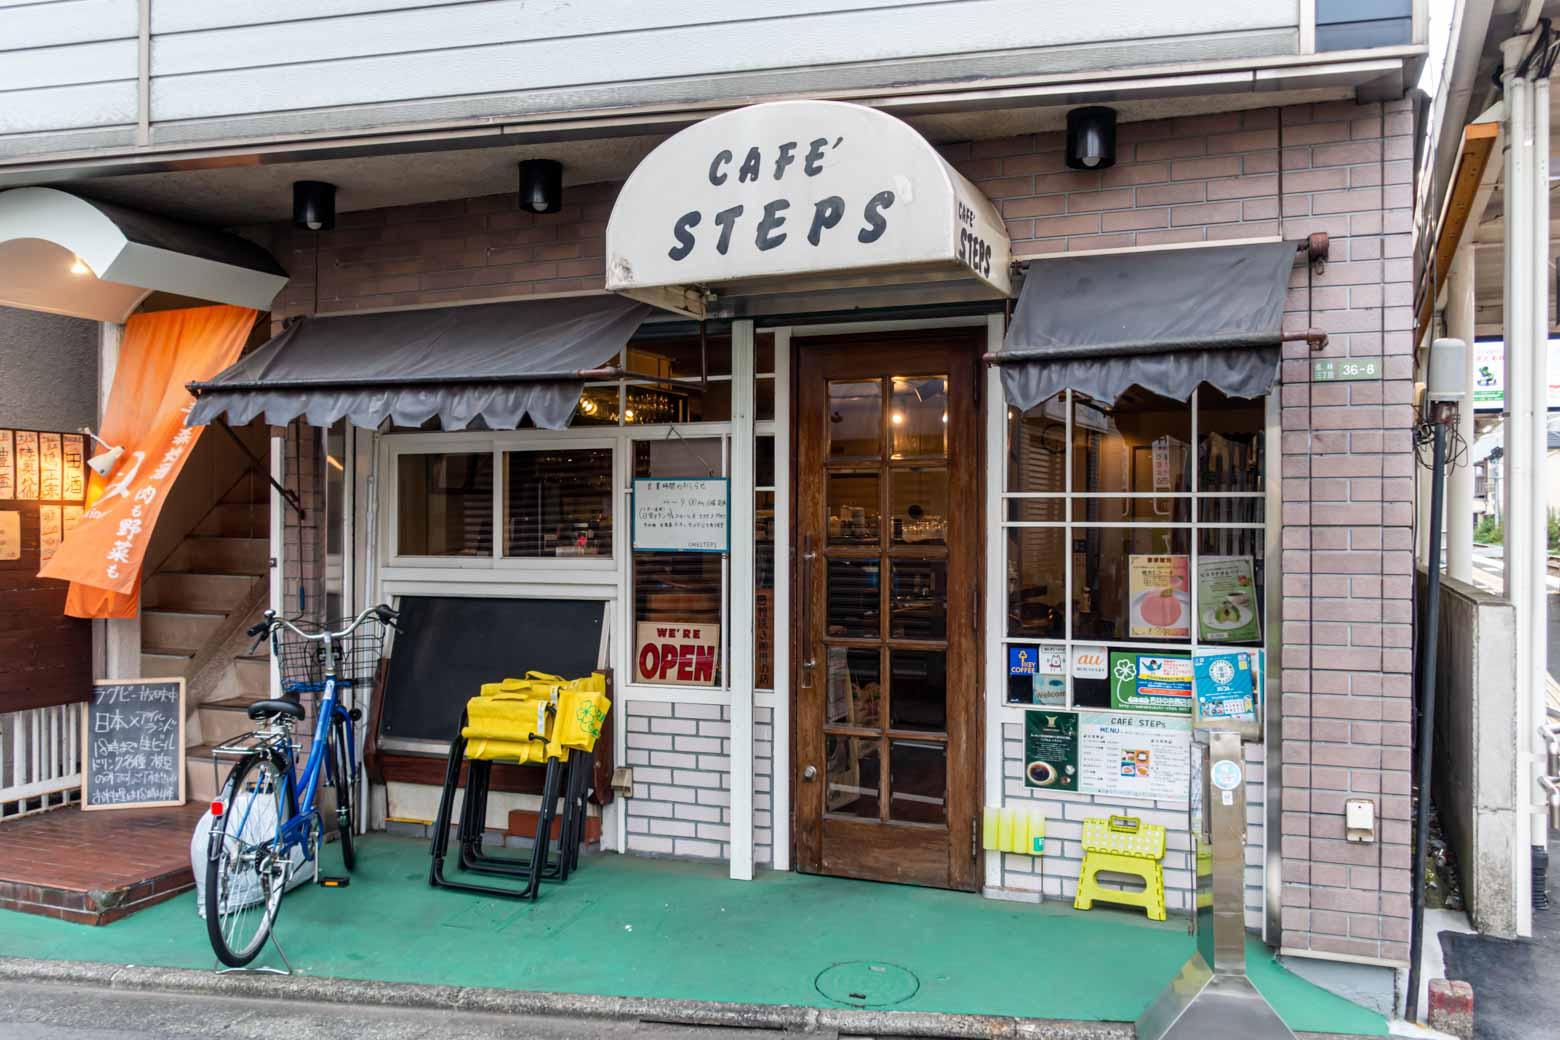 町歩きの最後に、前から気になっていた喫茶店へ行くことにしました。いい店構え。